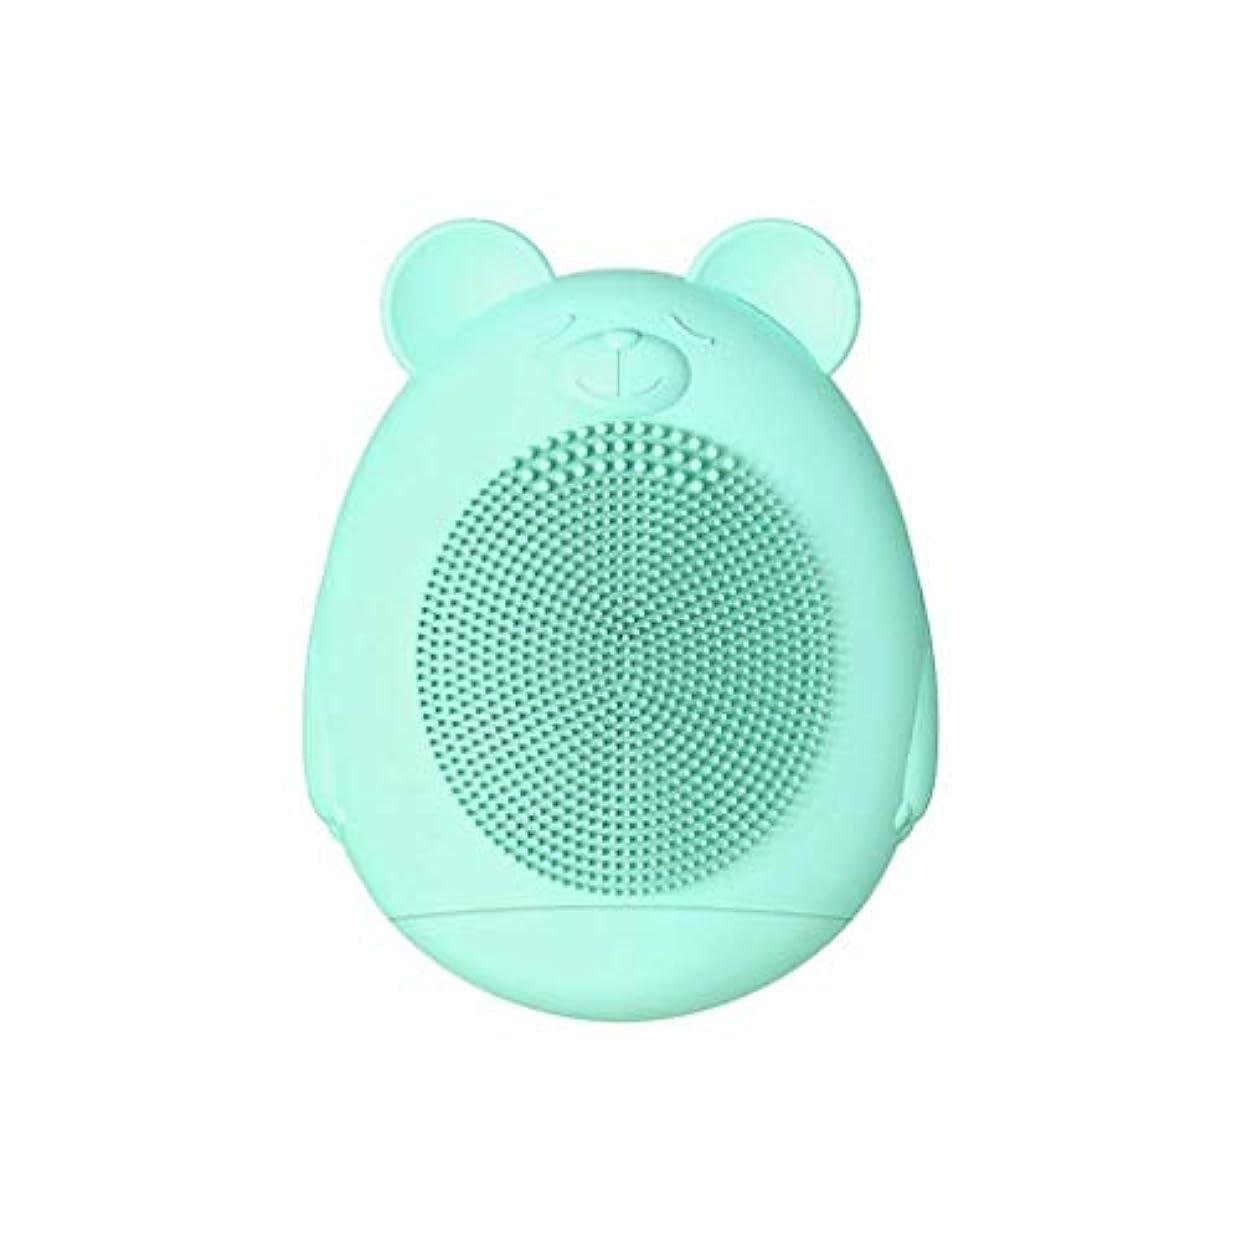 インキュバス連帯札入れフェイシャルクレンジングブラシ、ディープクレンジング用の防水ワイヤレス充電式シリコンフェイシャルクレンザー、穏やかな角質除去、黒ずみの除去、アンチエイジングマッサージ (Color : 青)